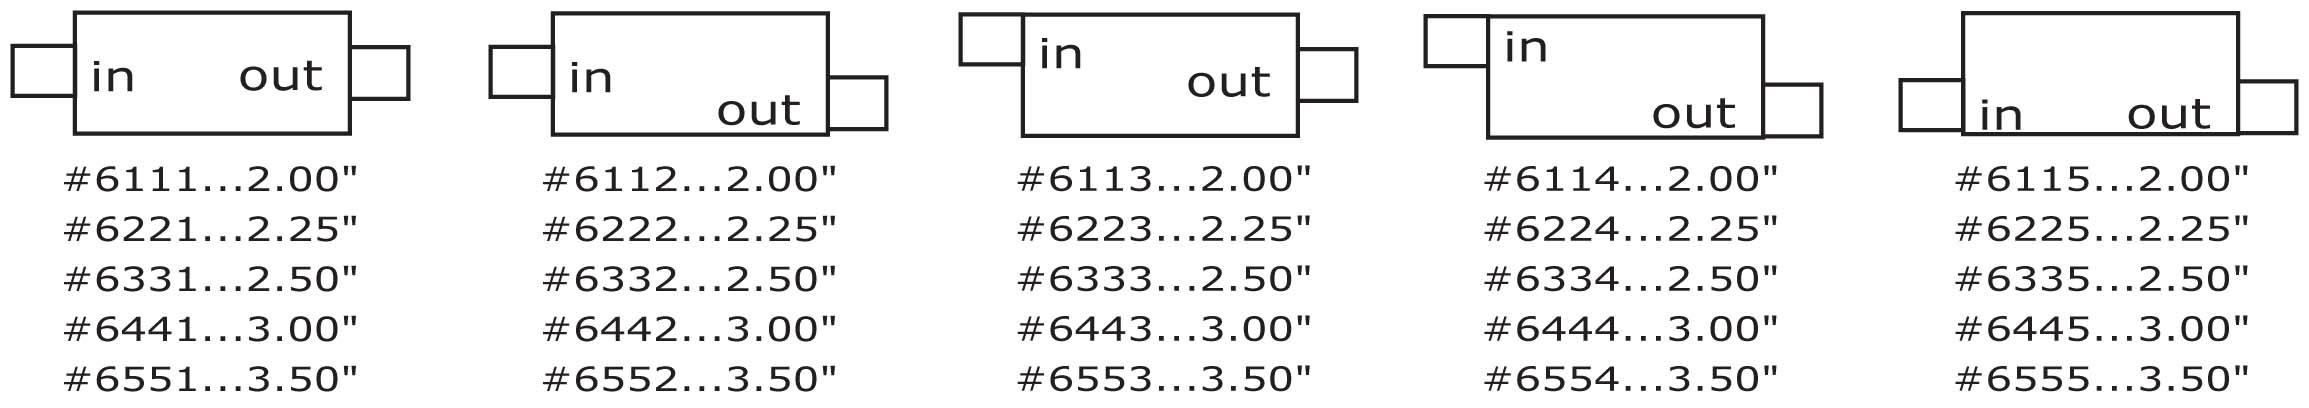 SpinTech 6000 Part# Chart